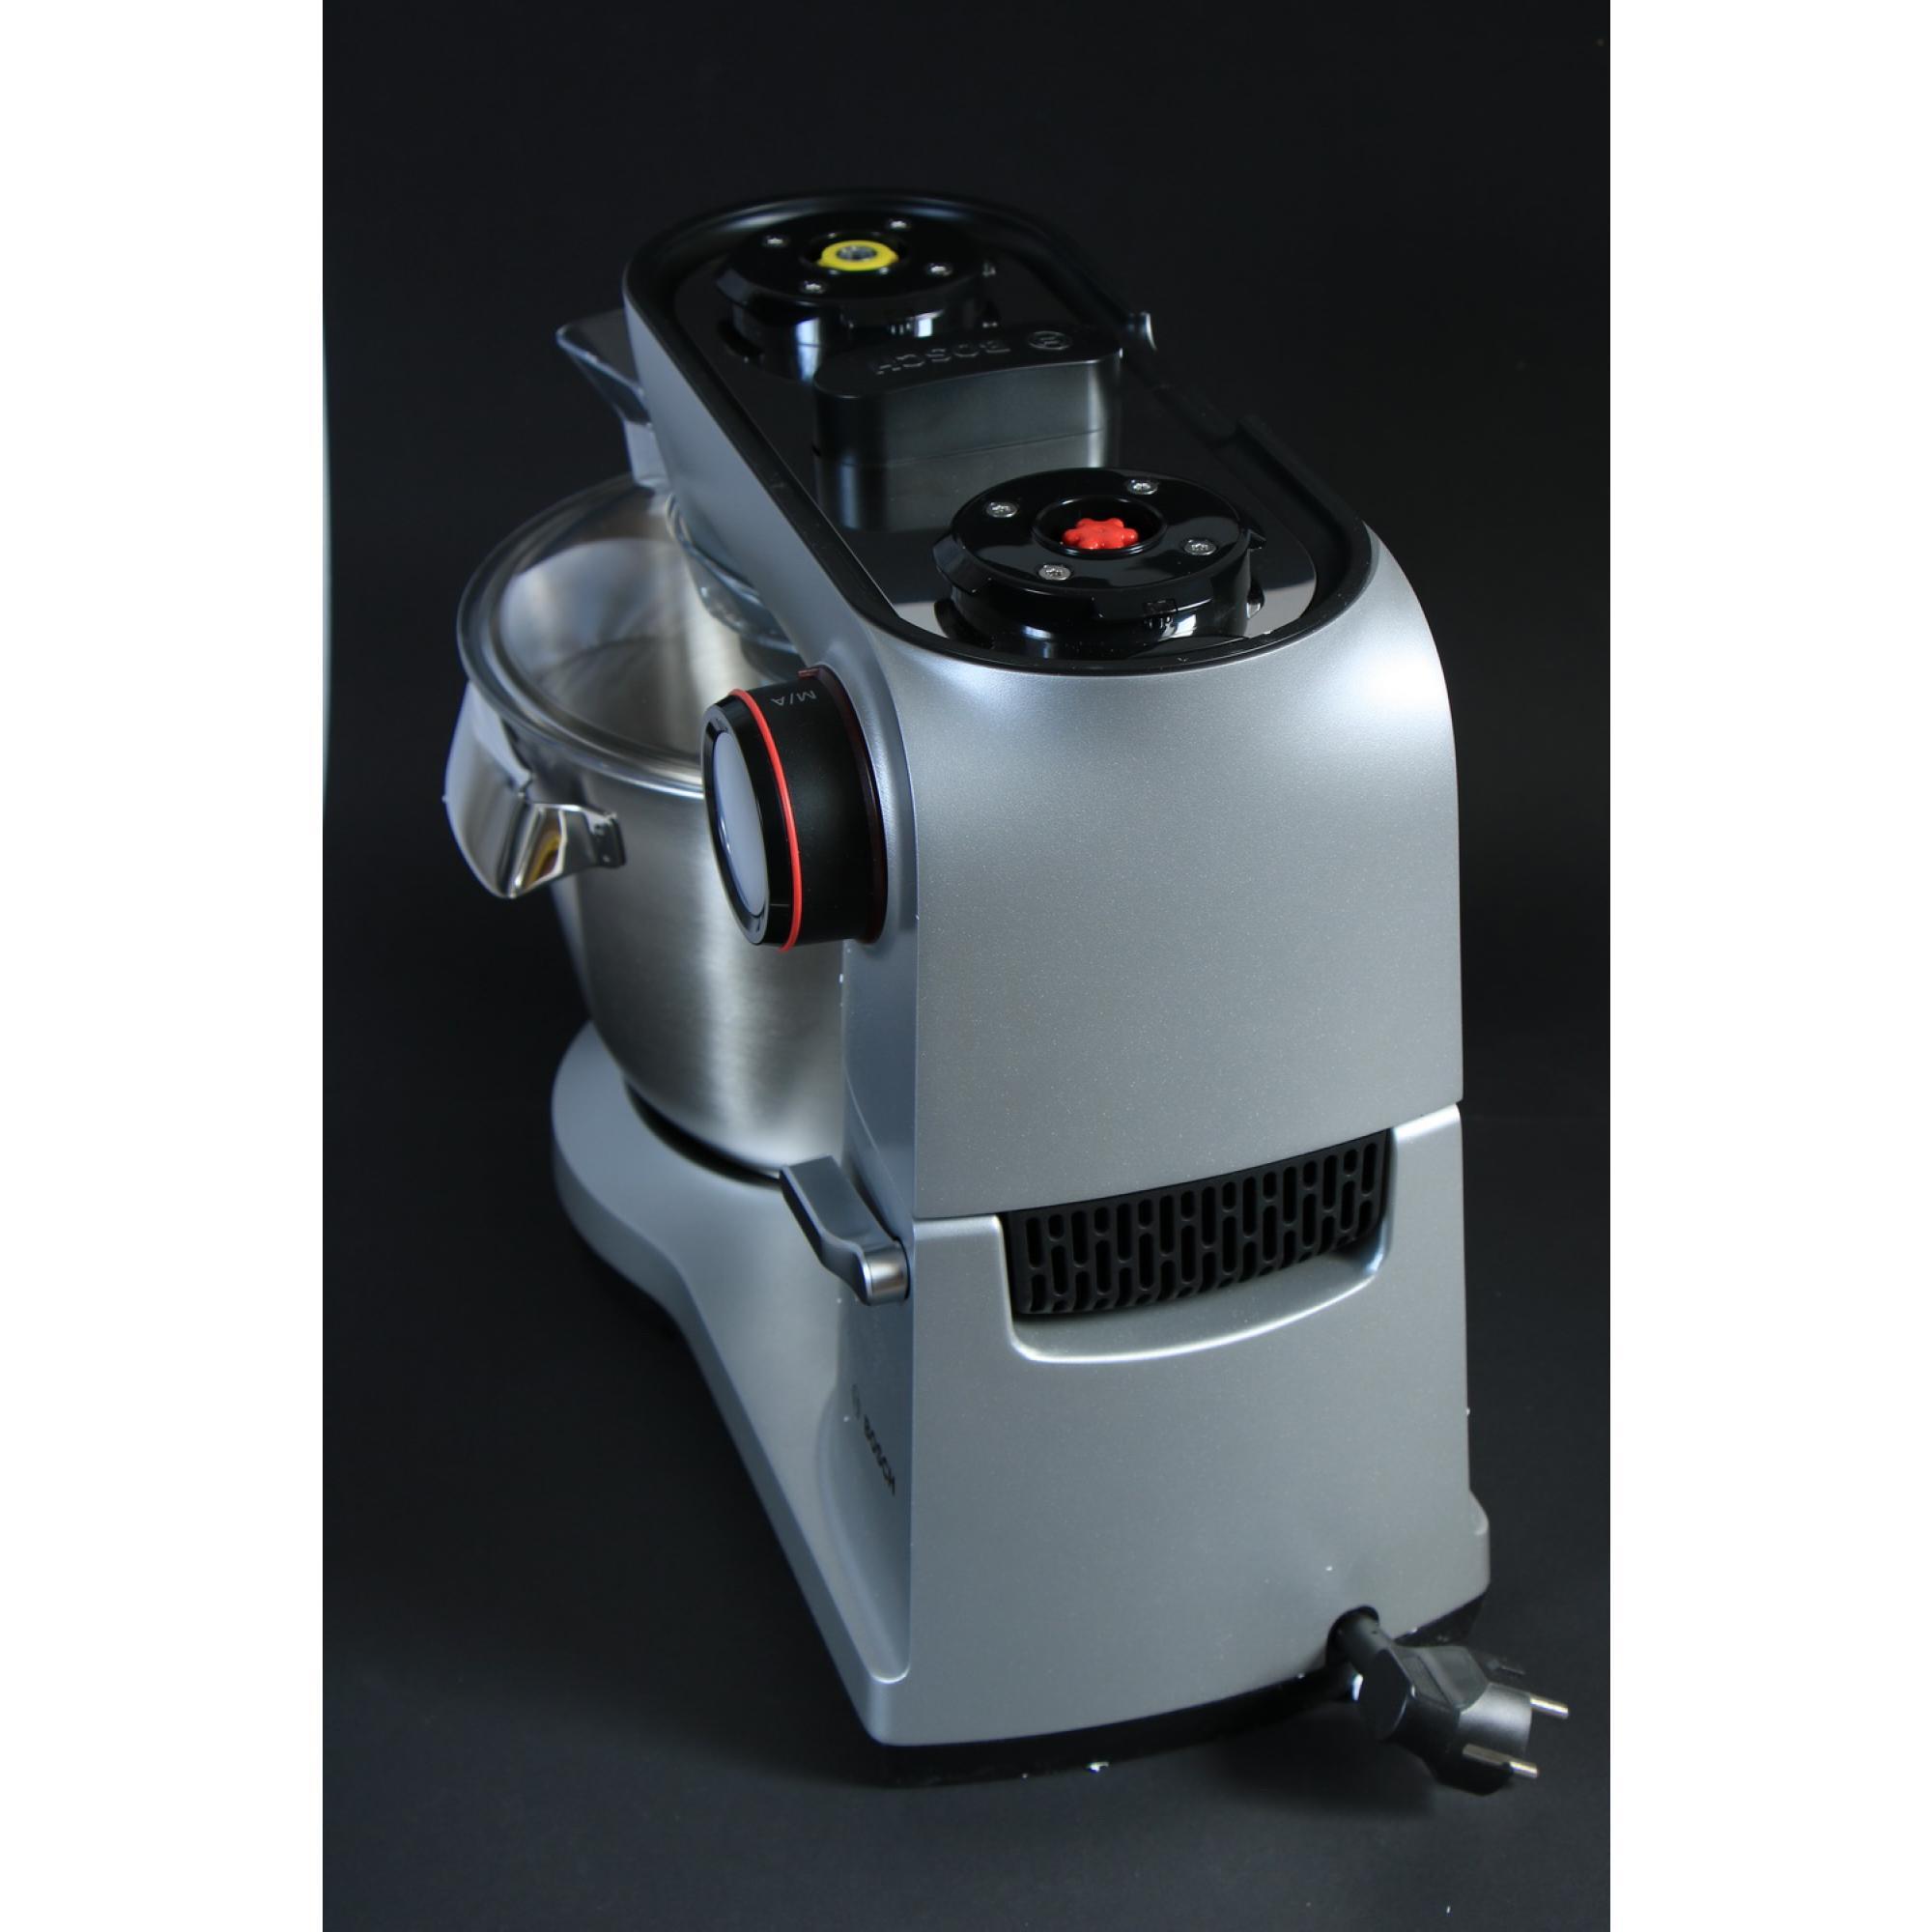 Bosch Optimum Küchenmaschine 2021